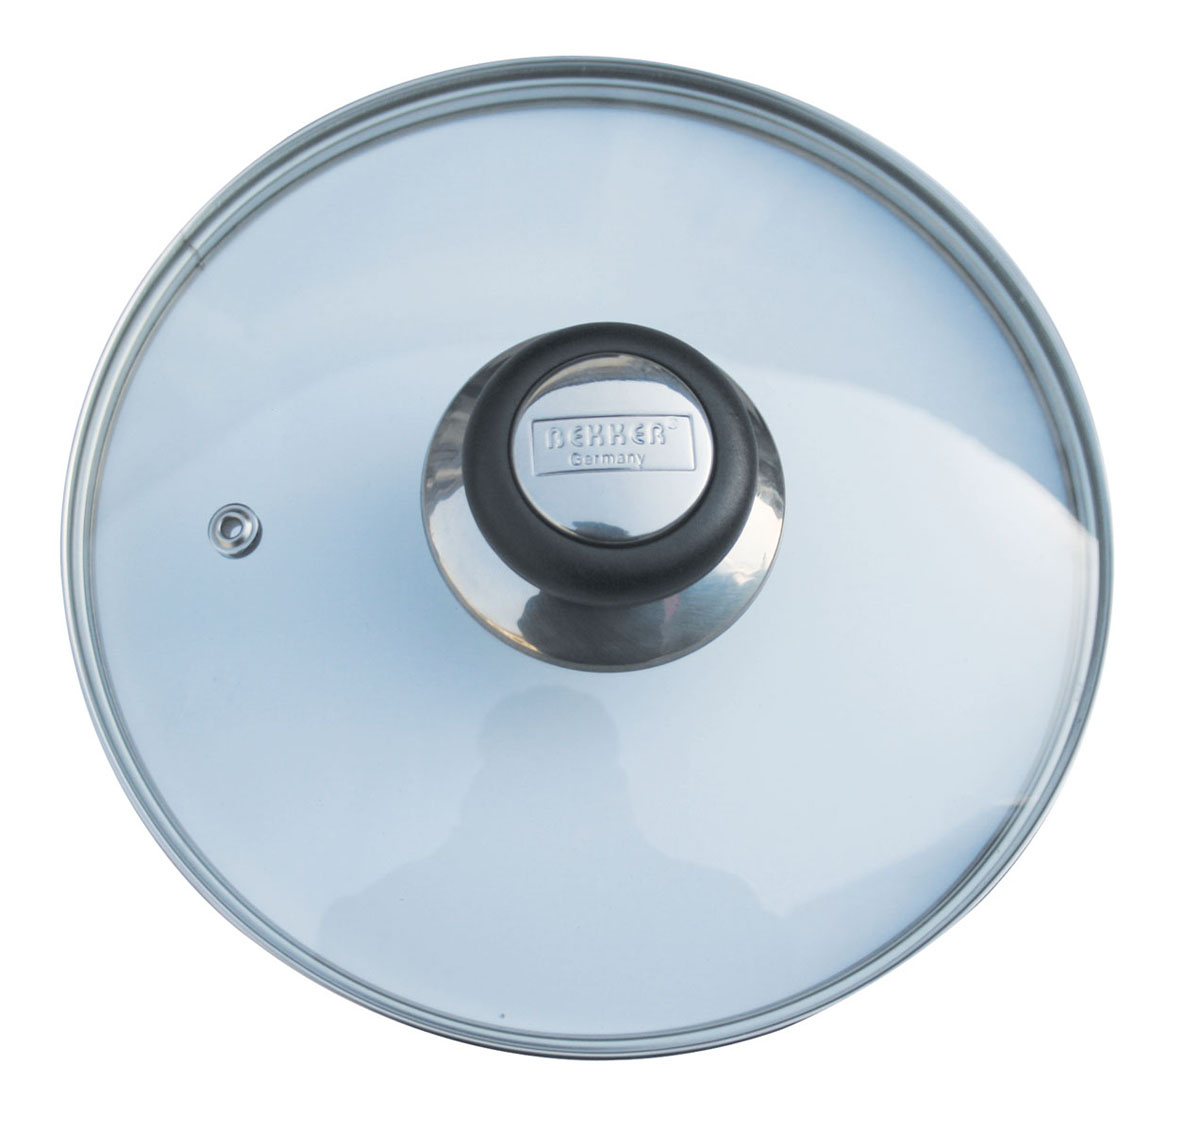 Крышка стеклянная Bekker. Диаметр 22 смBK-5410Крышка Bekker изготовлена из прозрачного термостойкого стекла. Обод, выполненный из высококачественной нержавеющей стали, защищает крышку от повреждений. Ручка из бакелита черного цвета защищает ваши руки от высоких температур. Крышка удобна в использовании, позволяет контролировать процесс приготовления пищи. Имеется отверстие для выпуска пара. Характеристики: Материал: стекло, нержавеющая сталь, бакелит. Цвет: черный. Диаметр: 22 см. Толщина стенки: 4 мм. Артикул: BK-5410.